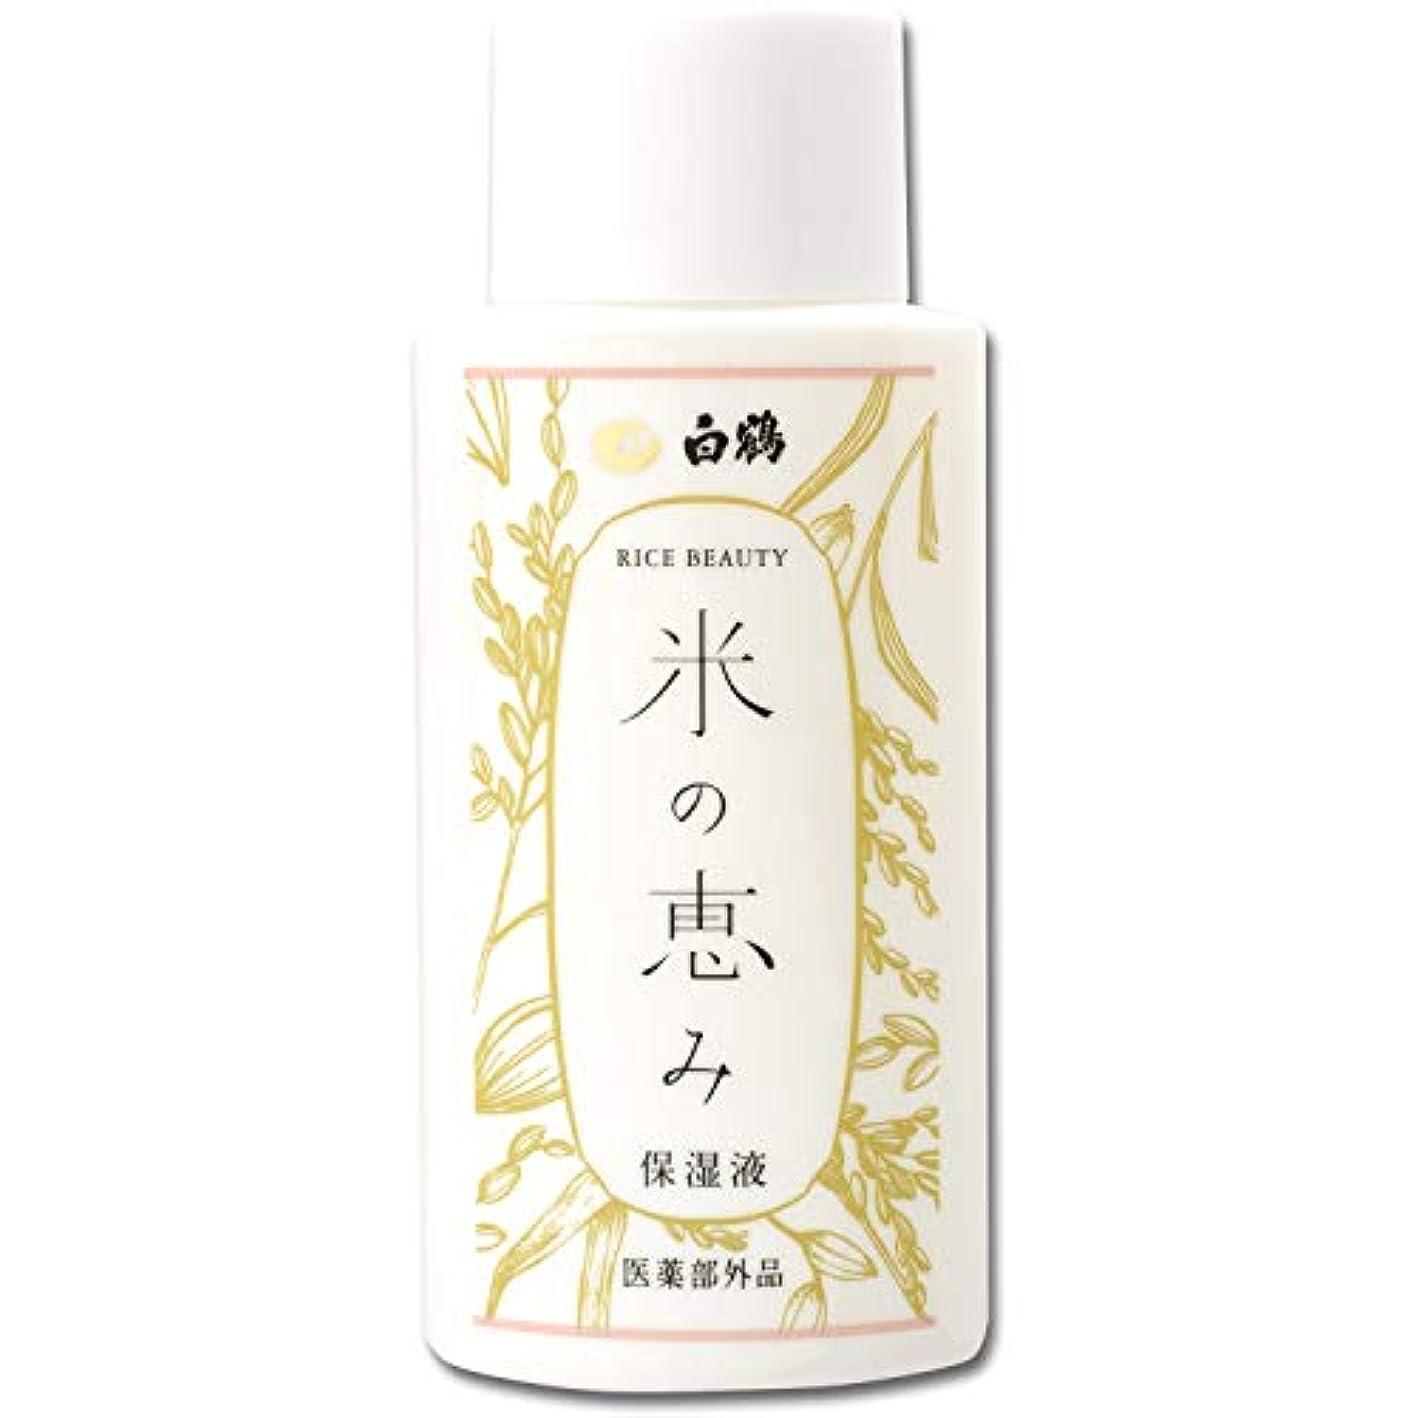 ペフ比較雄弁白鶴 ライスビューティー 米の恵み 保湿液 150ml(高保湿とろみ化粧水/医薬部外品)